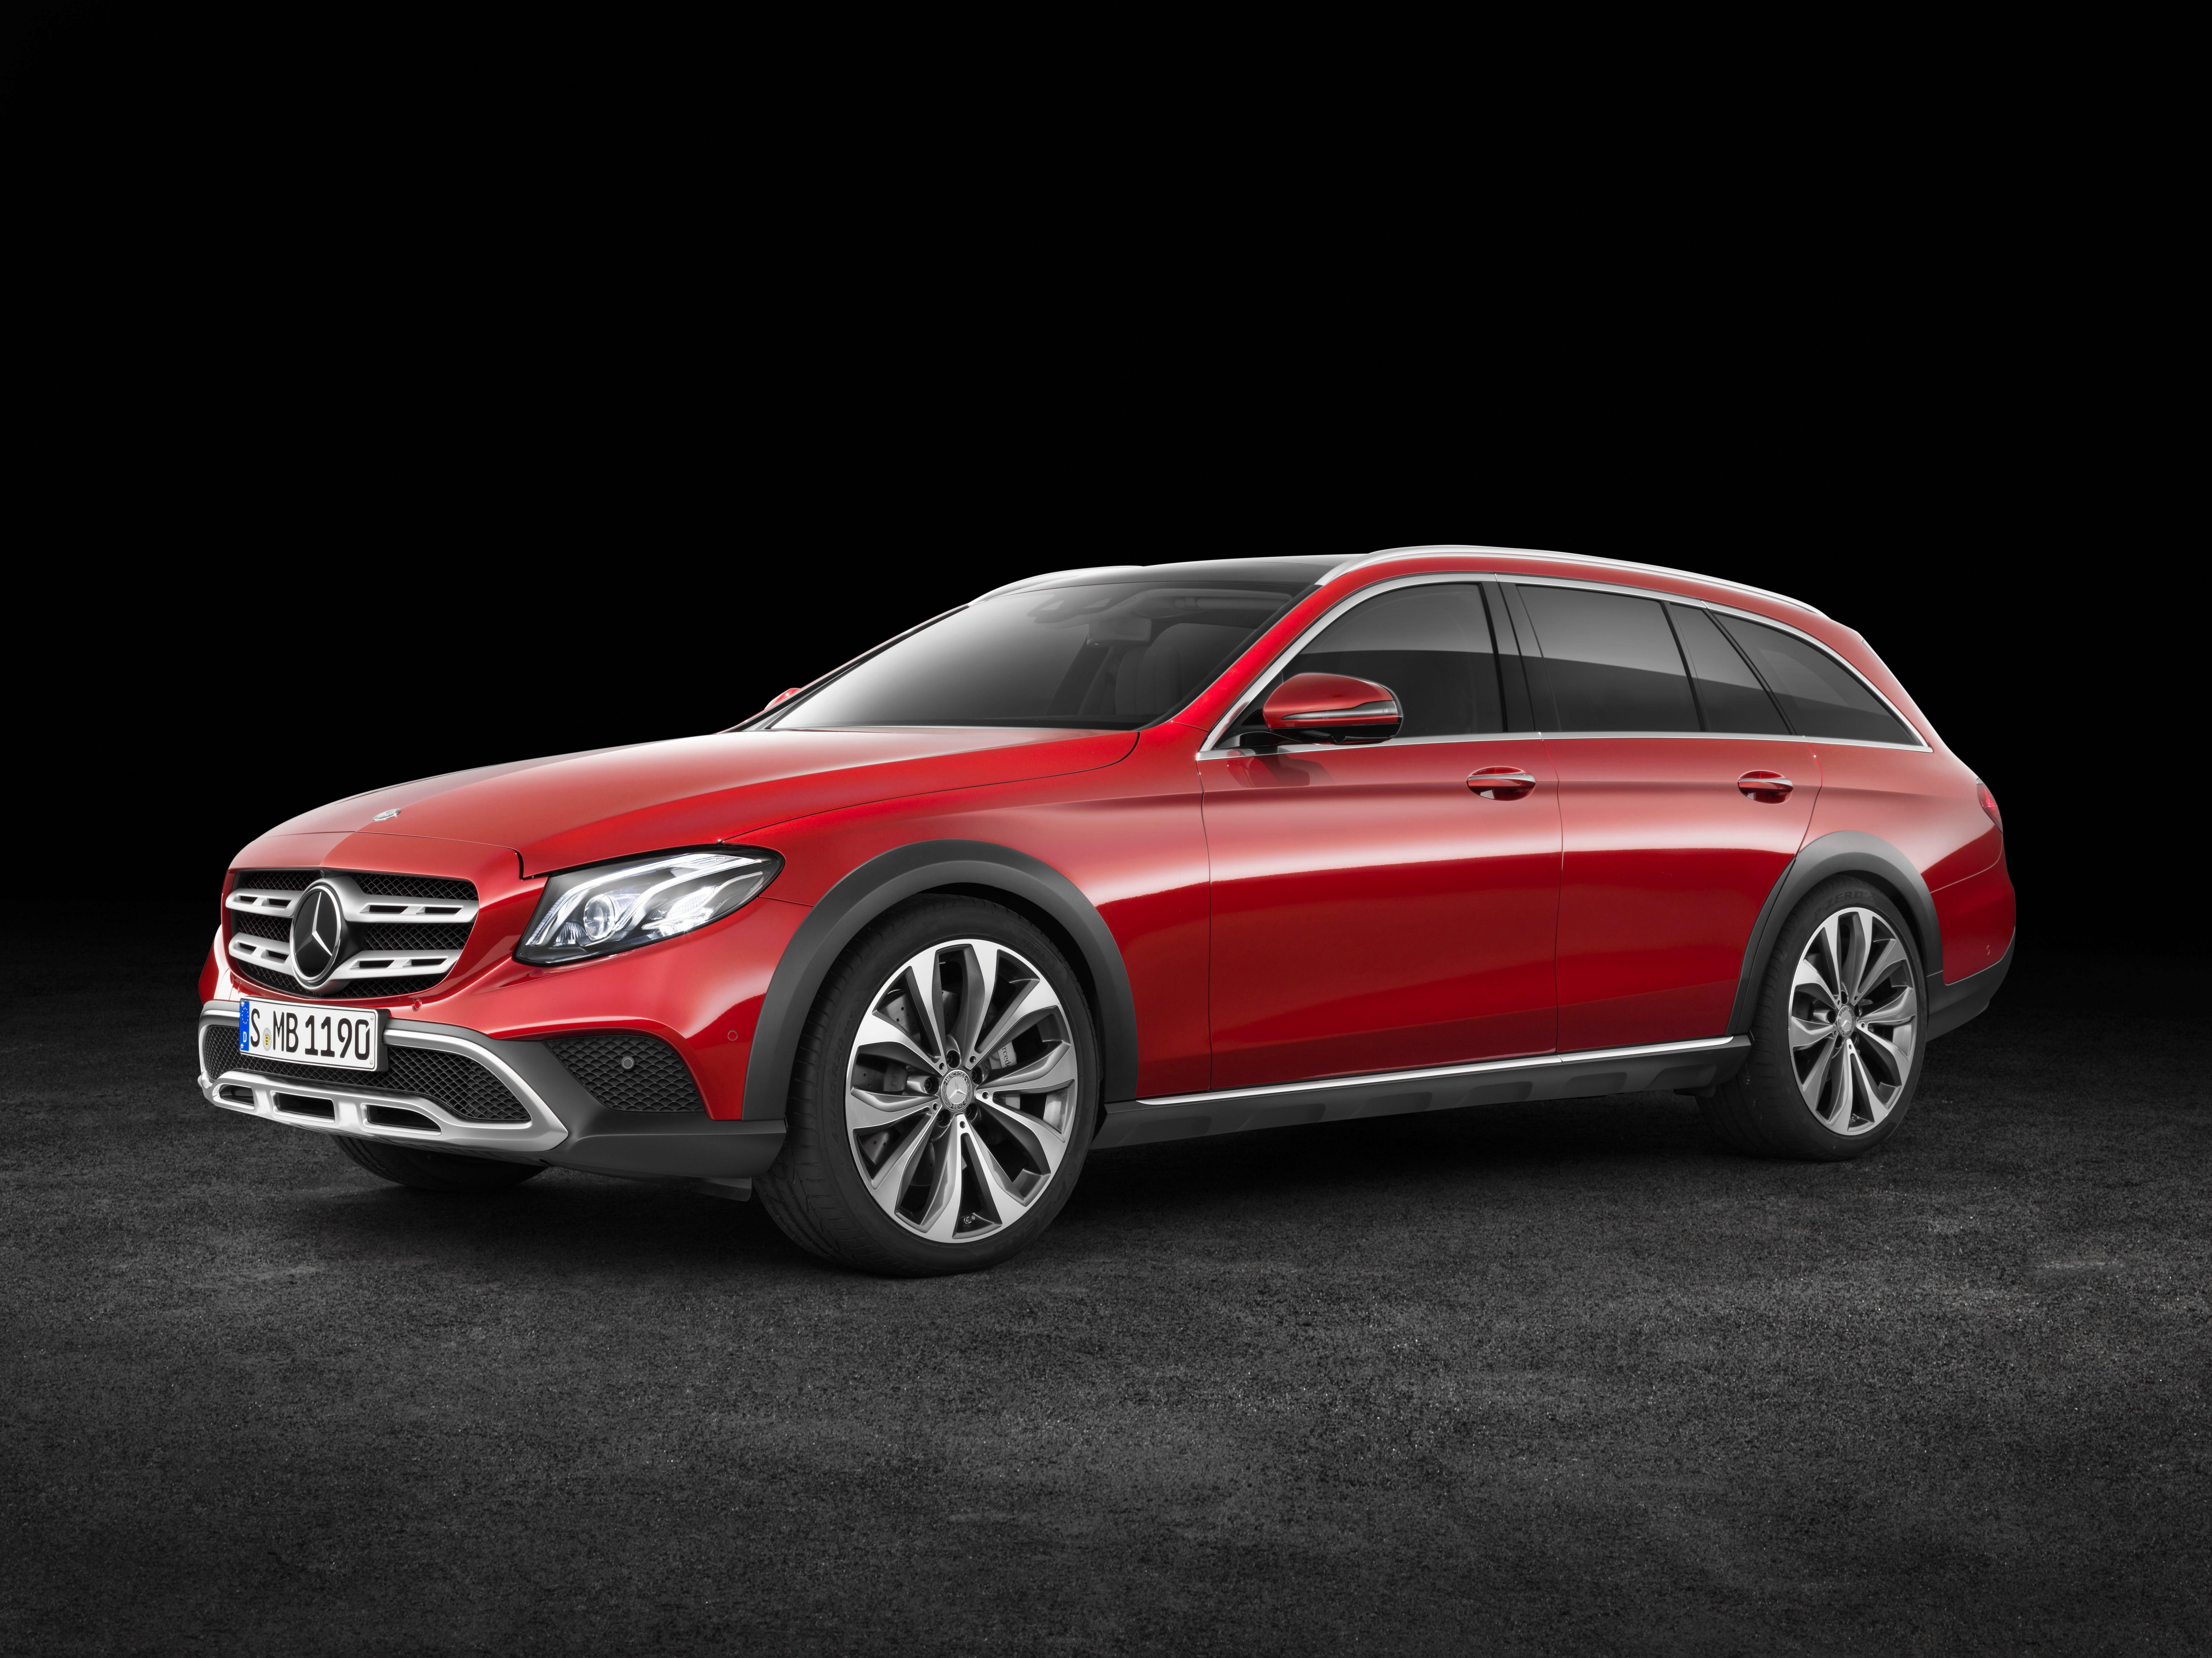 Mercedes E Klasse All Terrain – Auto Bild Ideen